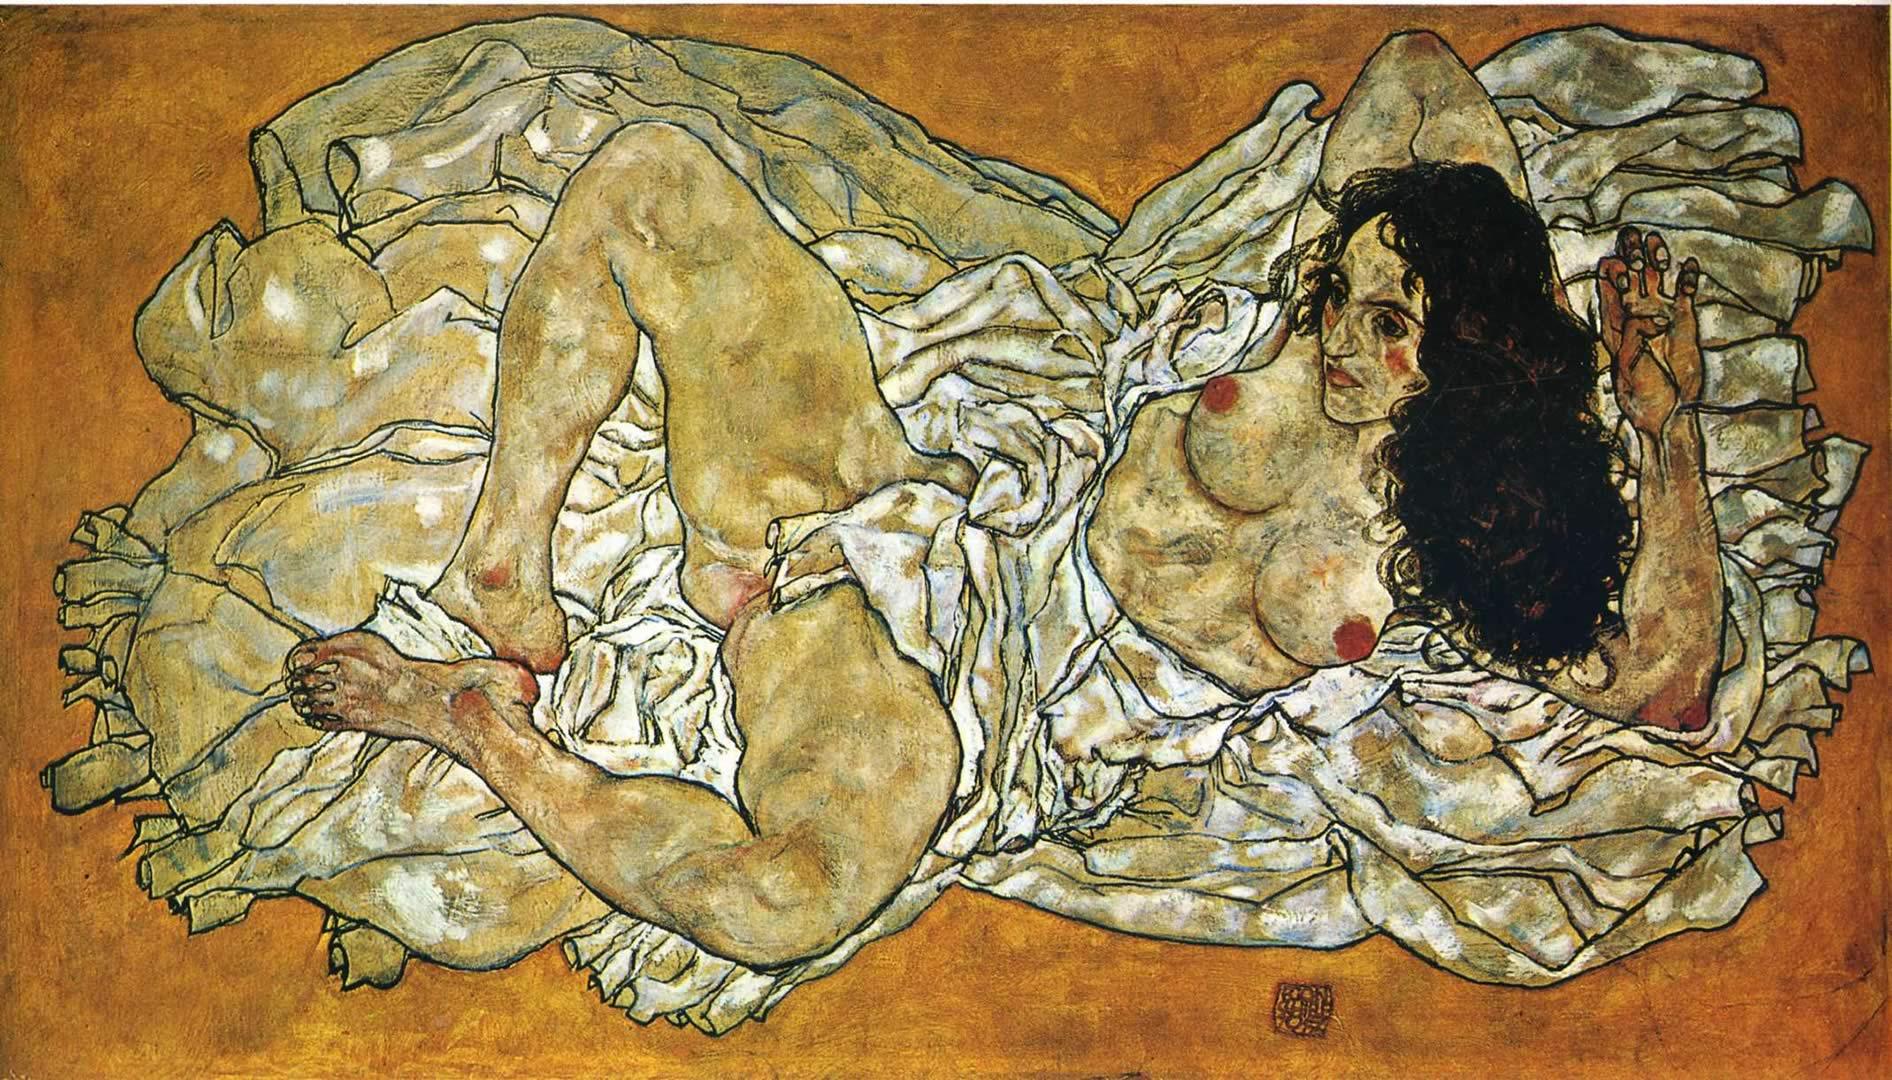 1892x1080 Người phụ nữ nằm nghiêng - Hình nền Egon Schiele